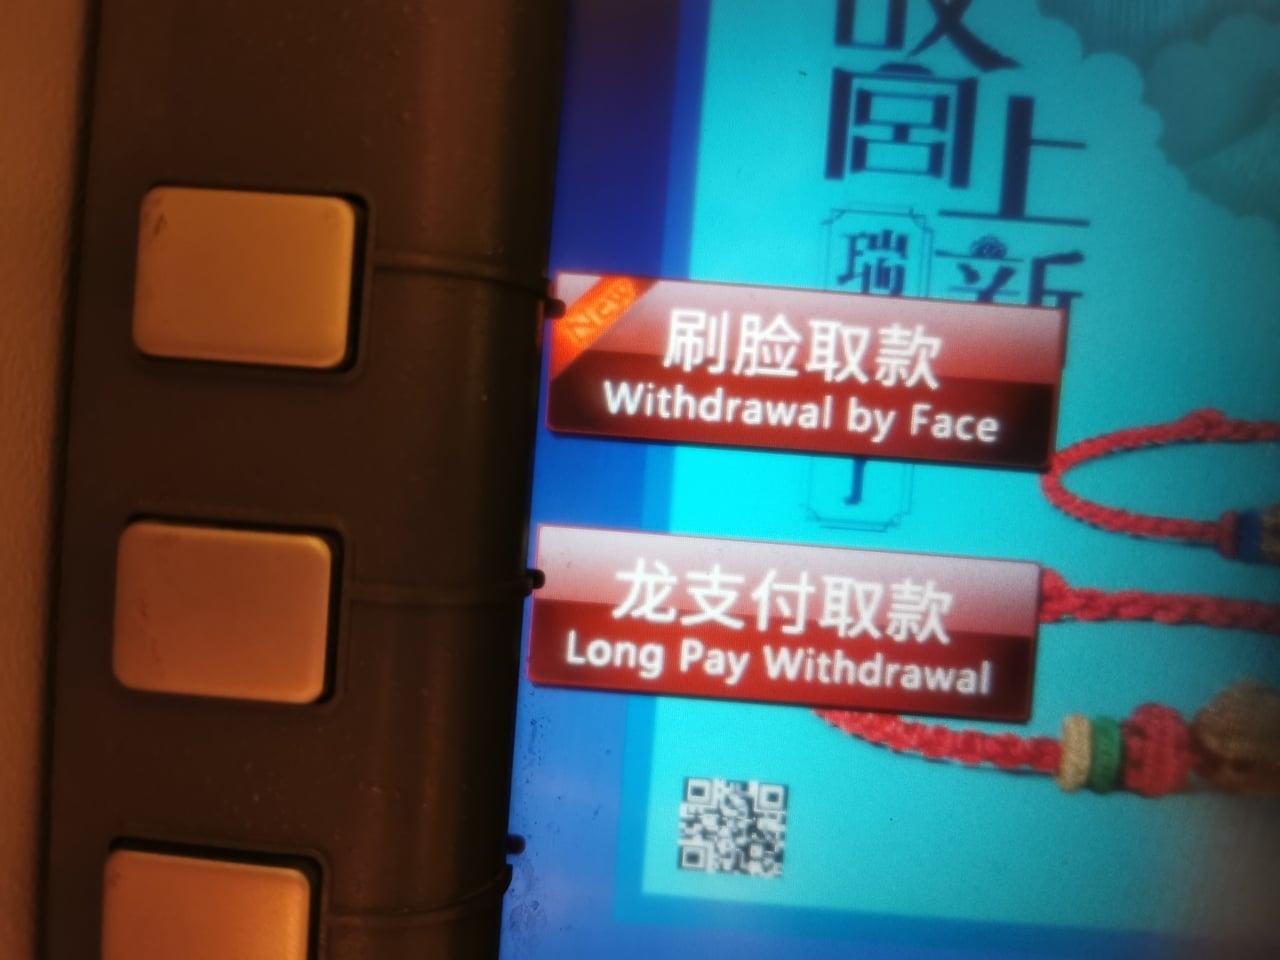 Čína a ověřování uživatelů přes rozpoznávání obličeje